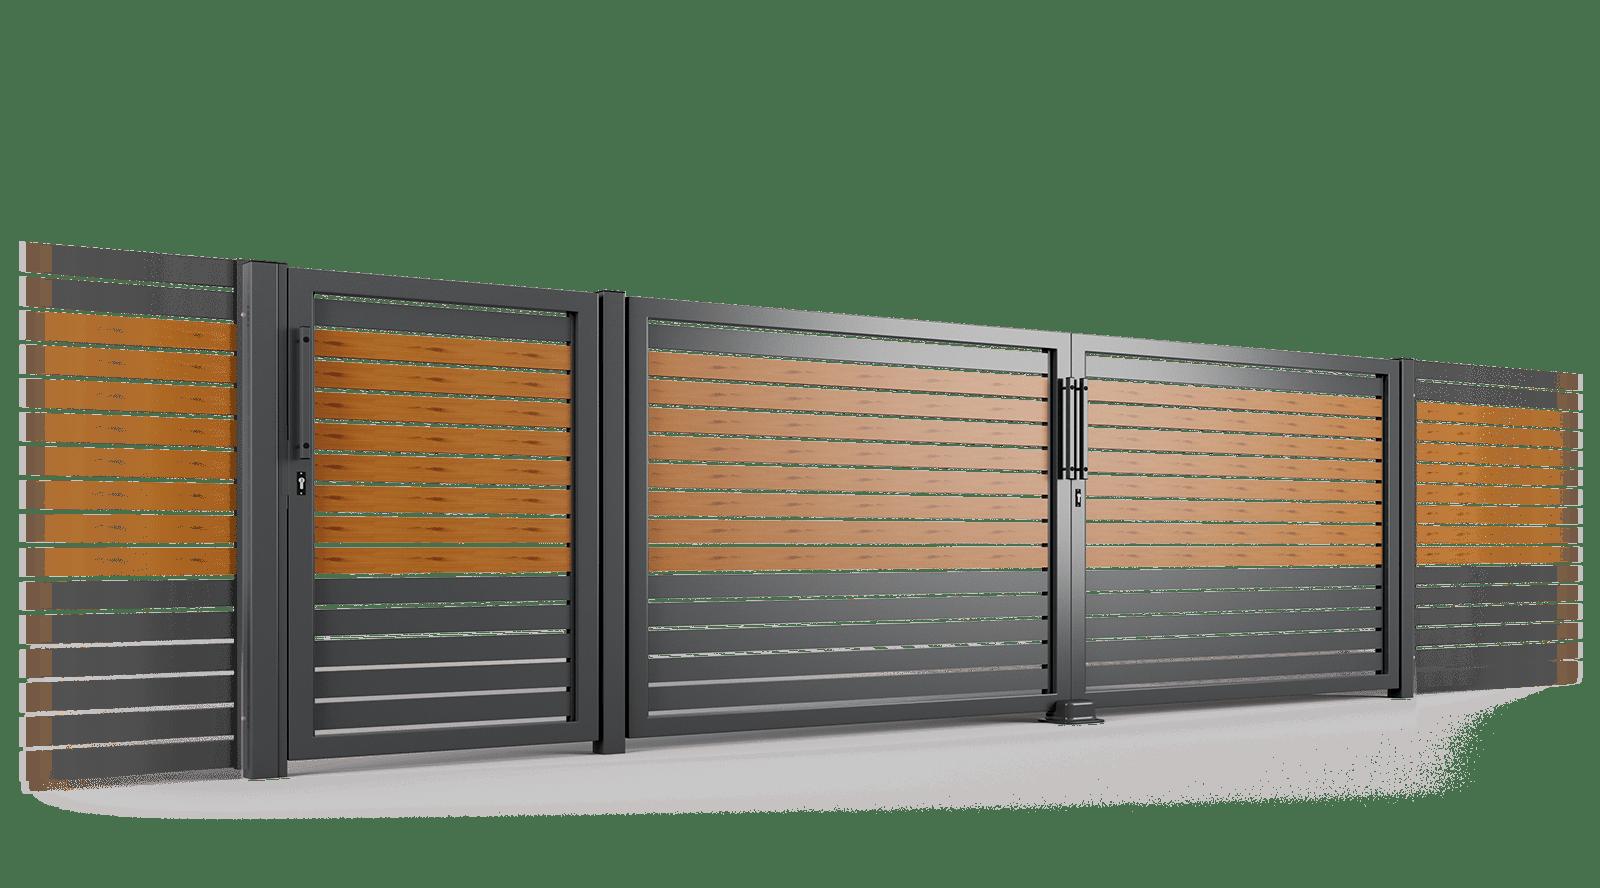 brama uchylna ogrodzenie palisadowe stylizowane PP 002 (P82) PINO II BORDER KONSPORT